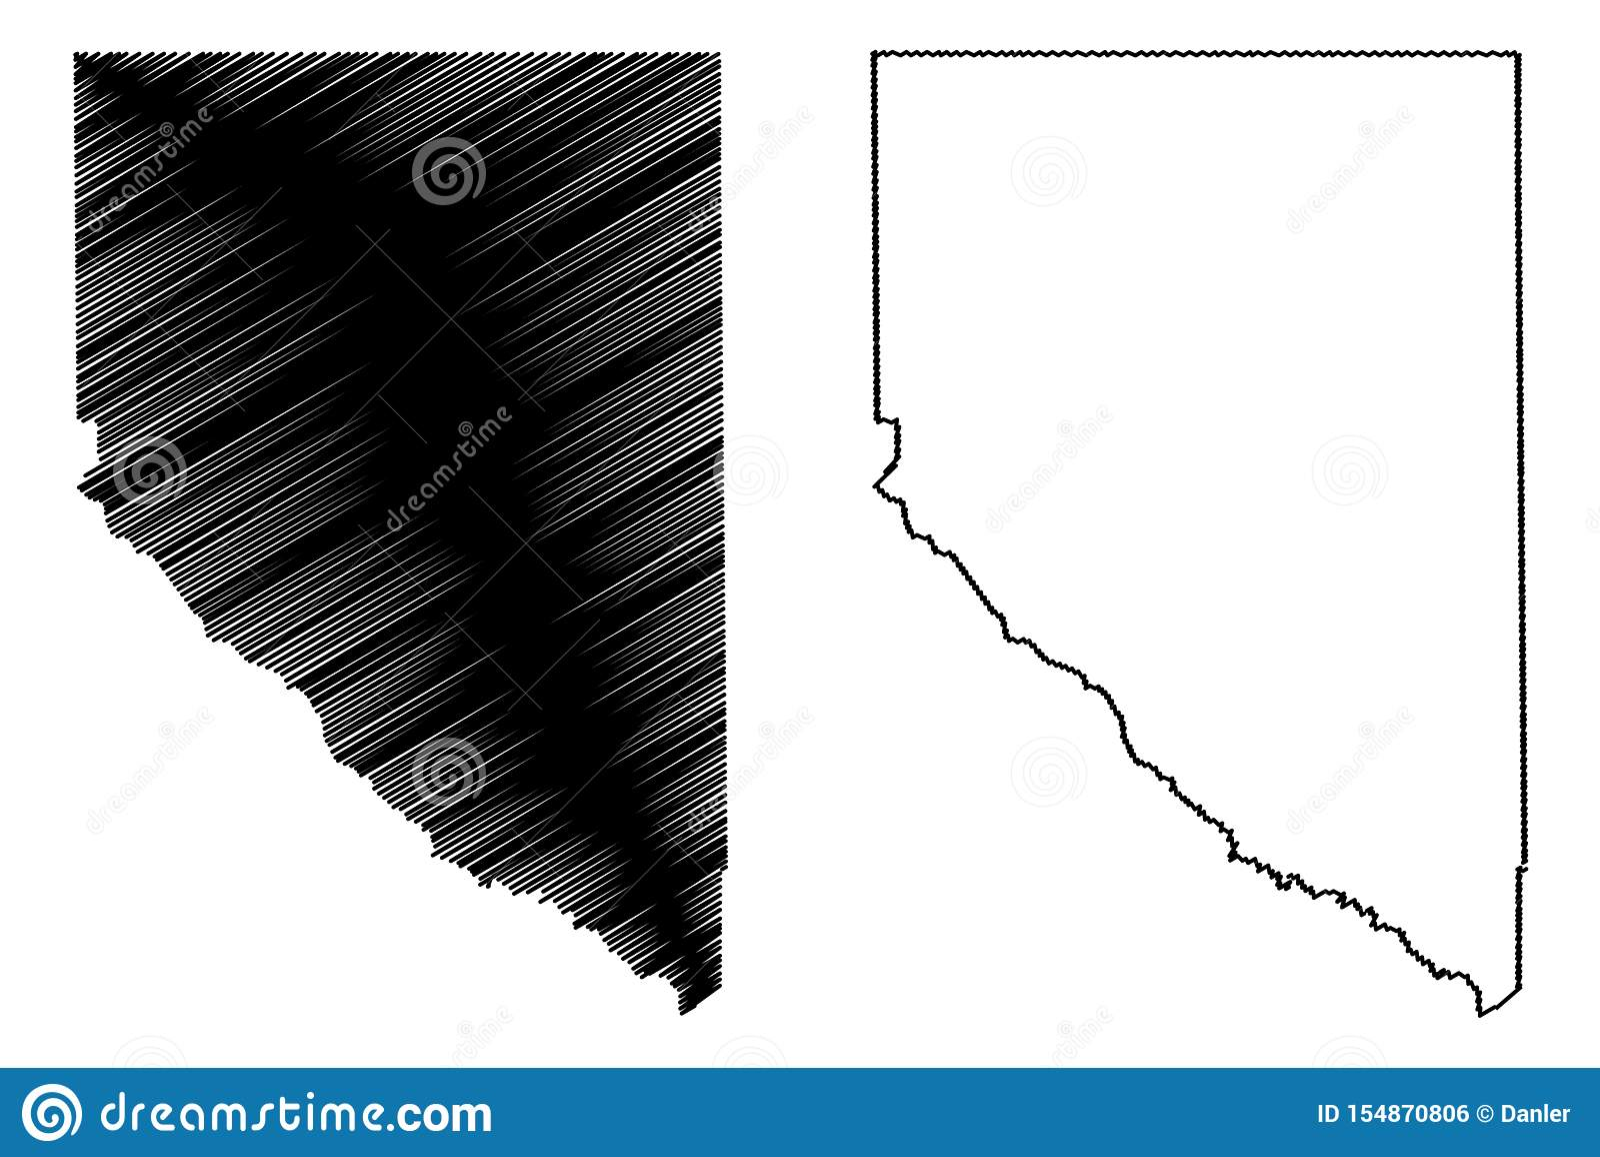 Hudspethprovincie, Texas Counties in Texas, de Verenigde Staten van Amerika, de V.S., U S , De kaart vectorillustratie van de V.S